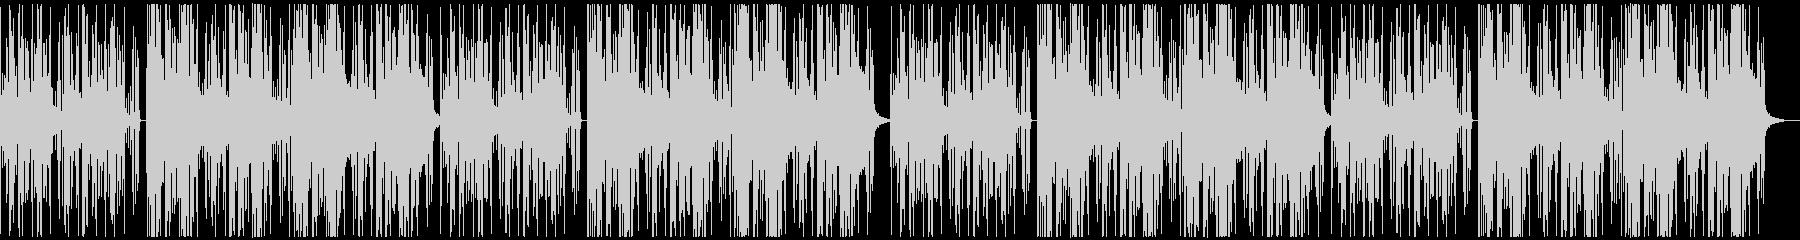 【チル】ゆったりとしたBGM・5の未再生の波形